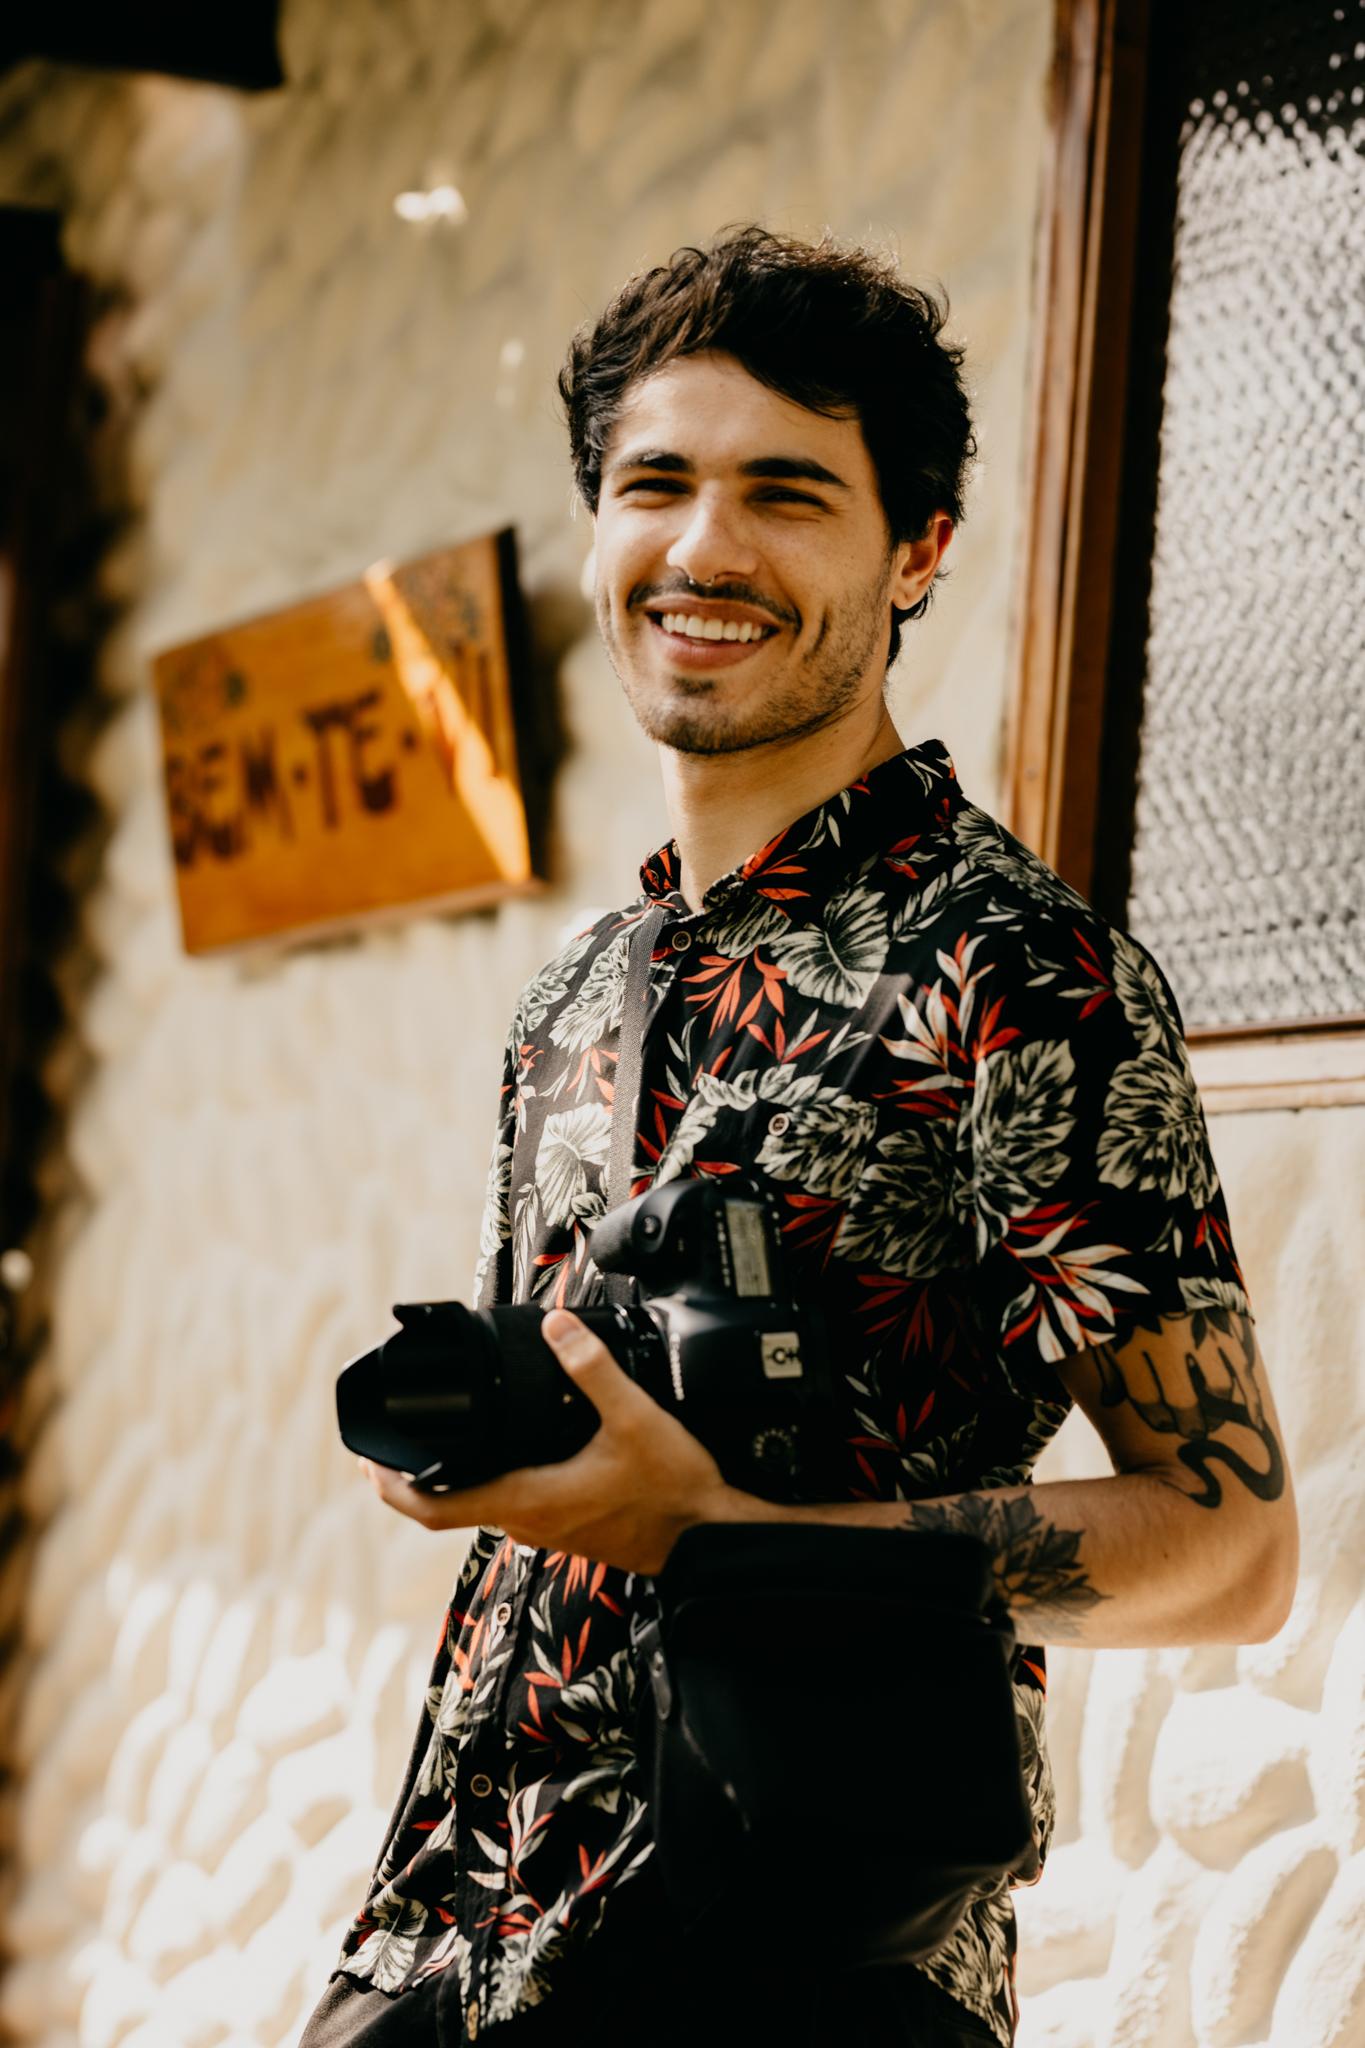 Olar :) Eu sou o Fábio - Tenho 22 anos, baseado em São Paulo, sou formado em publicidade e amo contar histórias que aconteçam em qualquer lugar do mundo.A fotografia proporcionou me envolver com pessoas incríveis, que se identificam e acreditam no meu fazer fotográfico, sou muito grato a ela.Busco partir de um entendimento dos valores e estilo de vida dos casais, para assim criar algo sob medida, moldando meu olhar para com a imagem. No casamento, essa empatia é necessária; saber quando aplicar intensidade ou sobriedade.Na correria do dia a dia, é preciso conseguir desacelerar para então se aperceber das coisas simples da rotina. Existe poesia nos pequenos prazeres. Minha busca é enxergar verdade nesta simplicidade, e fazer com que esta poesia - com o passar do tempo - soe mais e mais verdadeira.